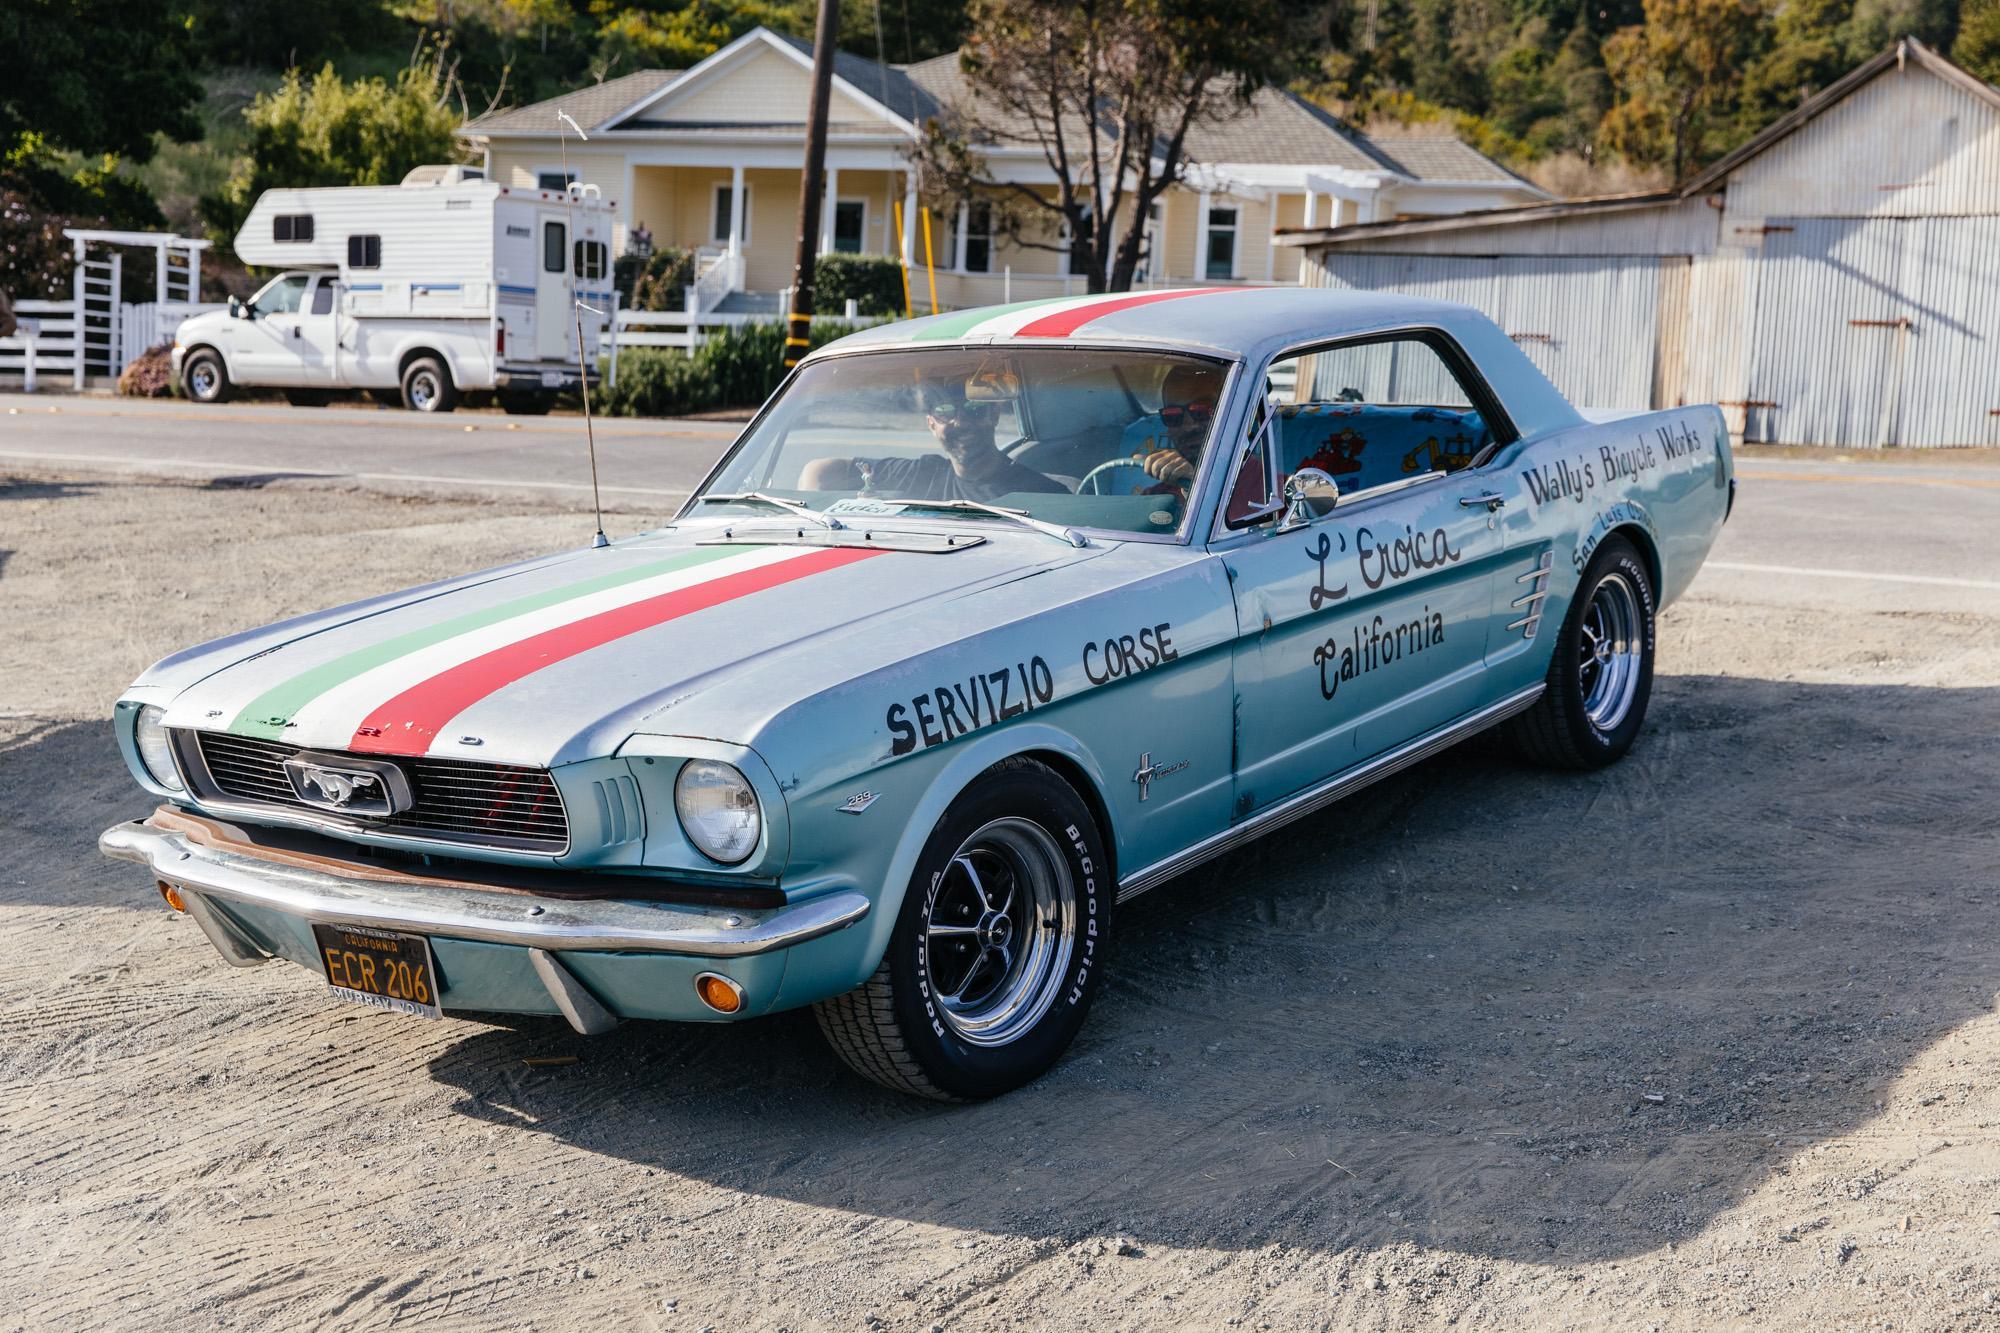 Italian Mustang